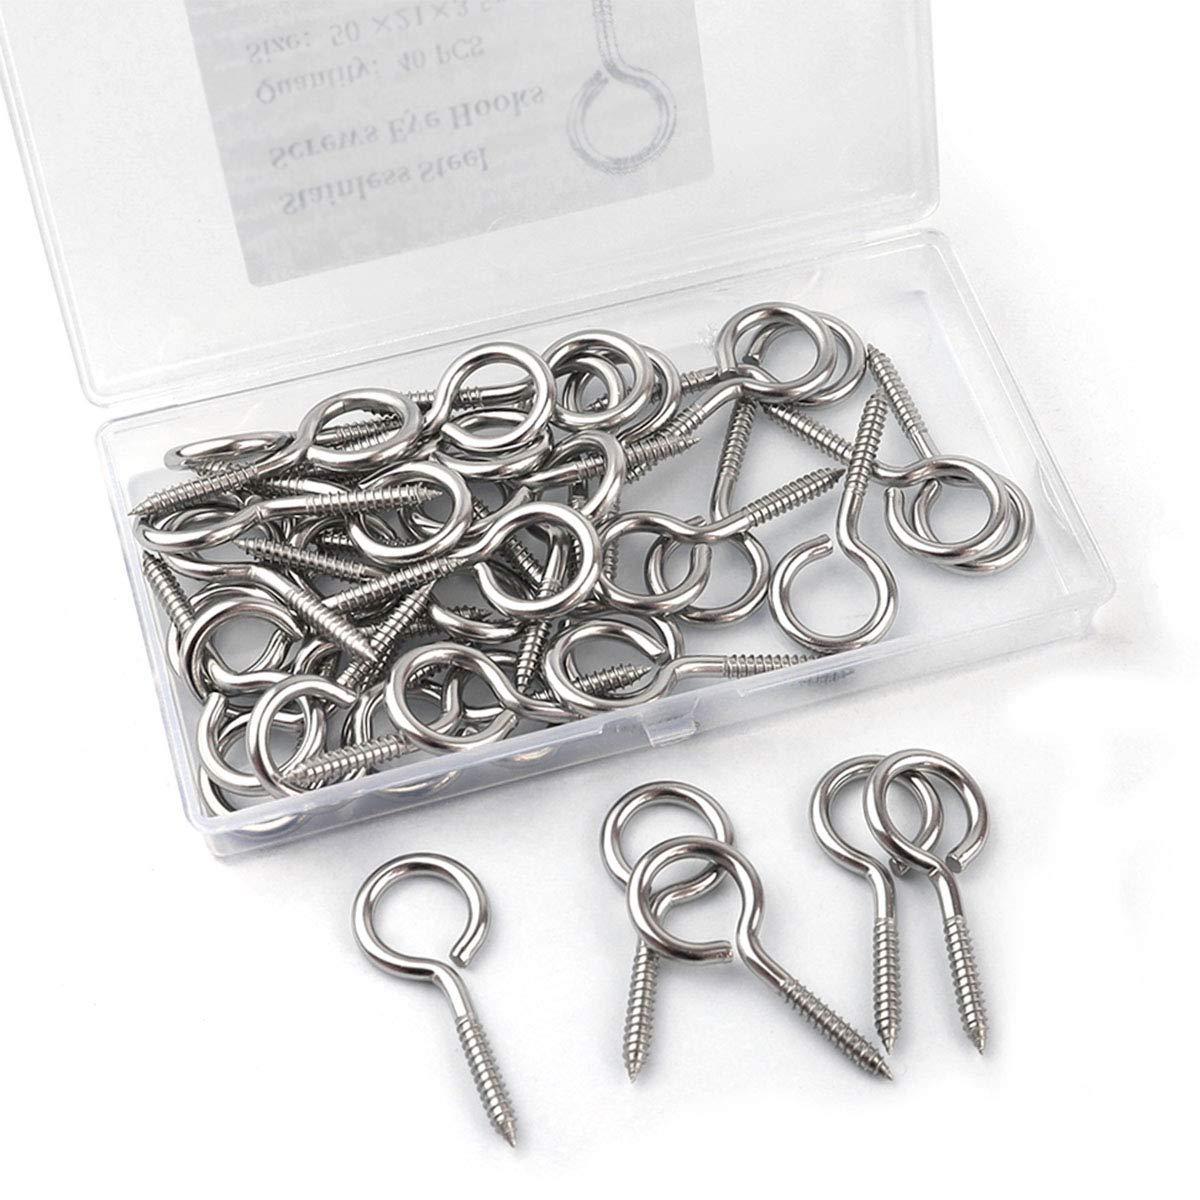 Wood Terminal Ring Eye Hooks 40 Pcs 2 inch 304 Stainless Steel Self Tapping Eye Screws Metal Hook